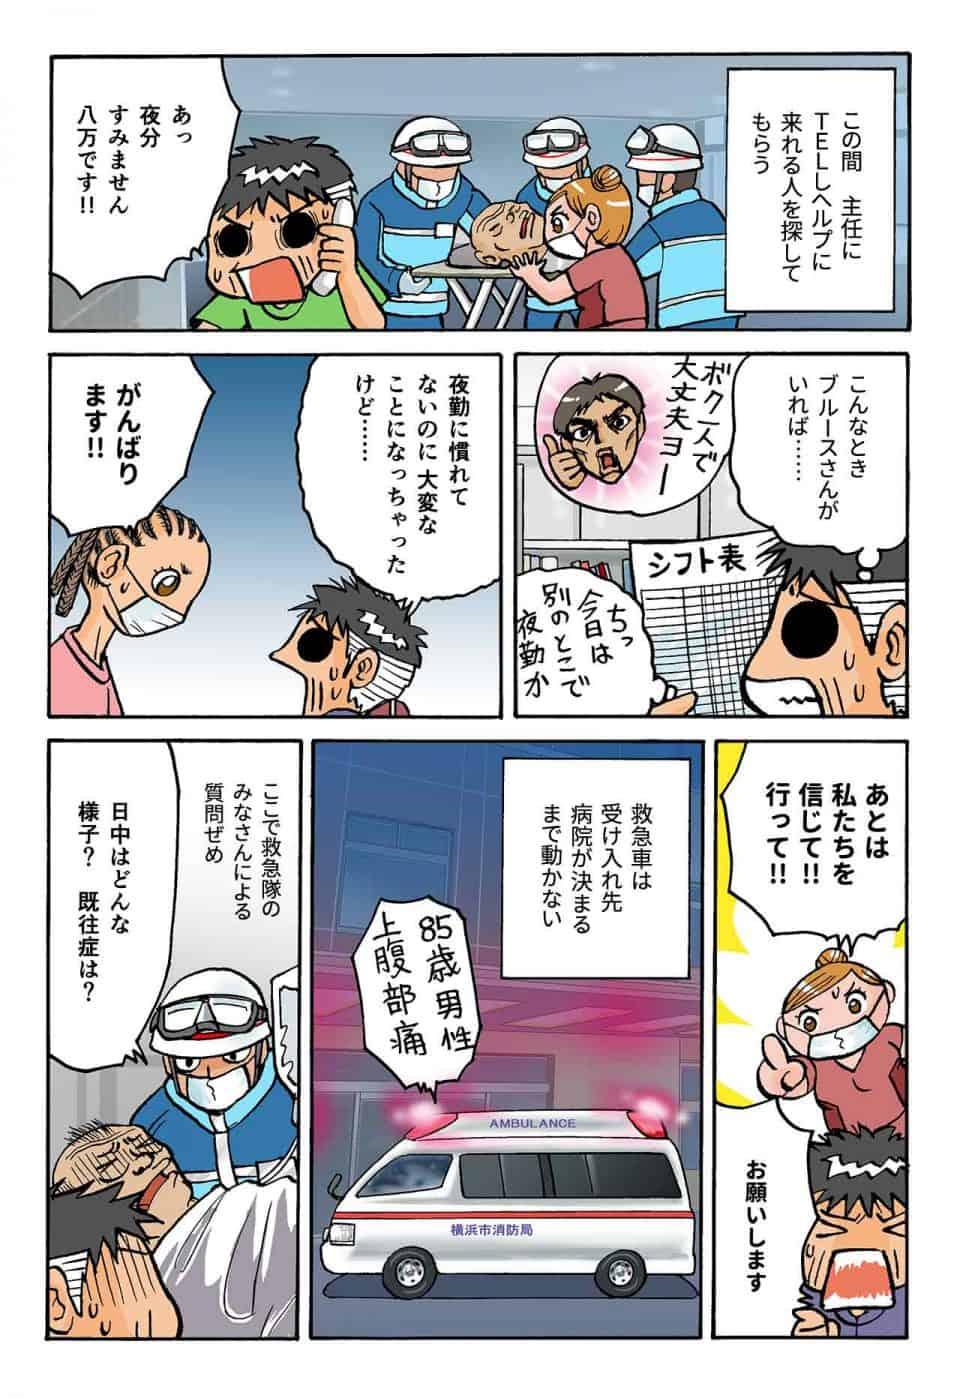 介護施設の夜勤で救急搬送_介護漫画_八万介助_11-5